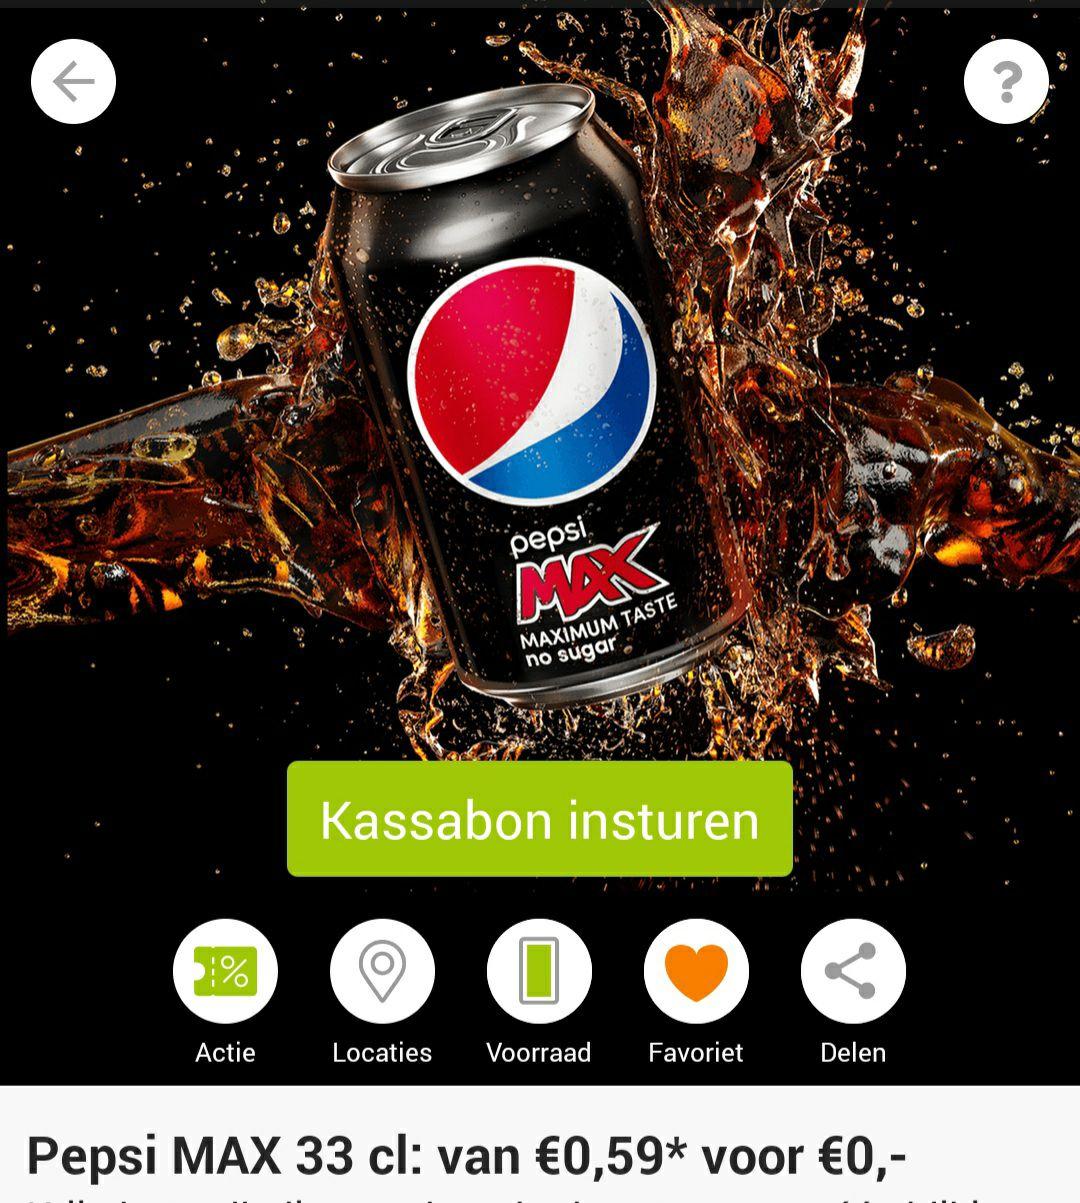 Gratis blikje Pepsi Max bij SCOUPY!